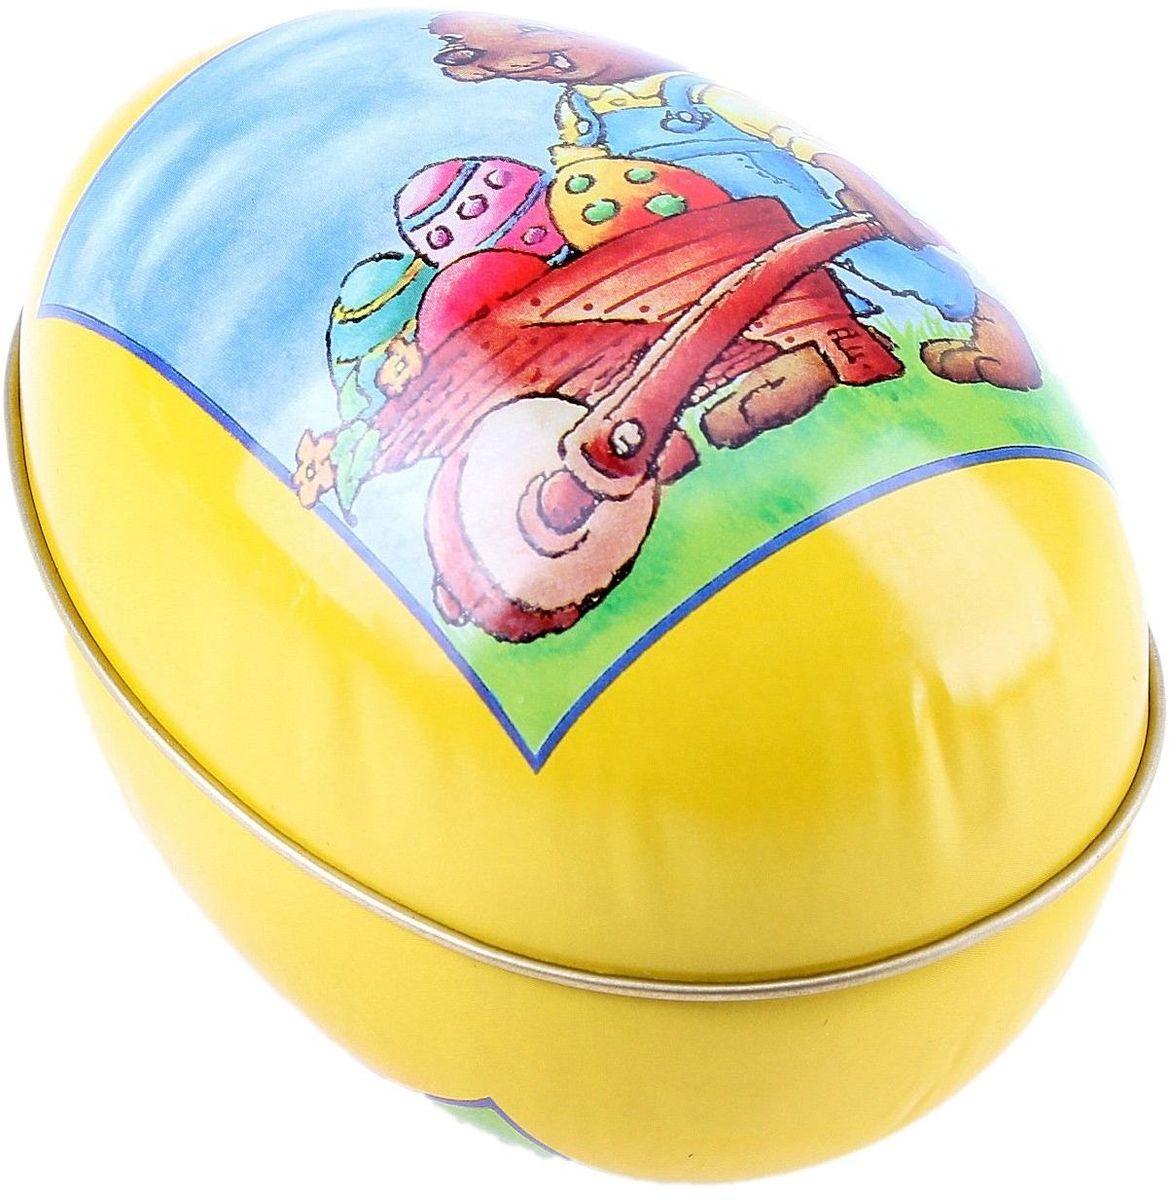 Шкатулка-яйцо Пасха. Зайчик с тележкой яиц, 12,2 х 8 см. 117631RG-D31SПасхальное яйцо — символ жизни и возрождения, ведь именно в Пасху традиционно дарят крашеные или расписные яйца. А в такую забавную шкатулочку можно положить одно из таких яиц и преподнести своему самому родному и близкому человеку, такой презент никогда не забудется, и будет отличаться от других поздравлений.